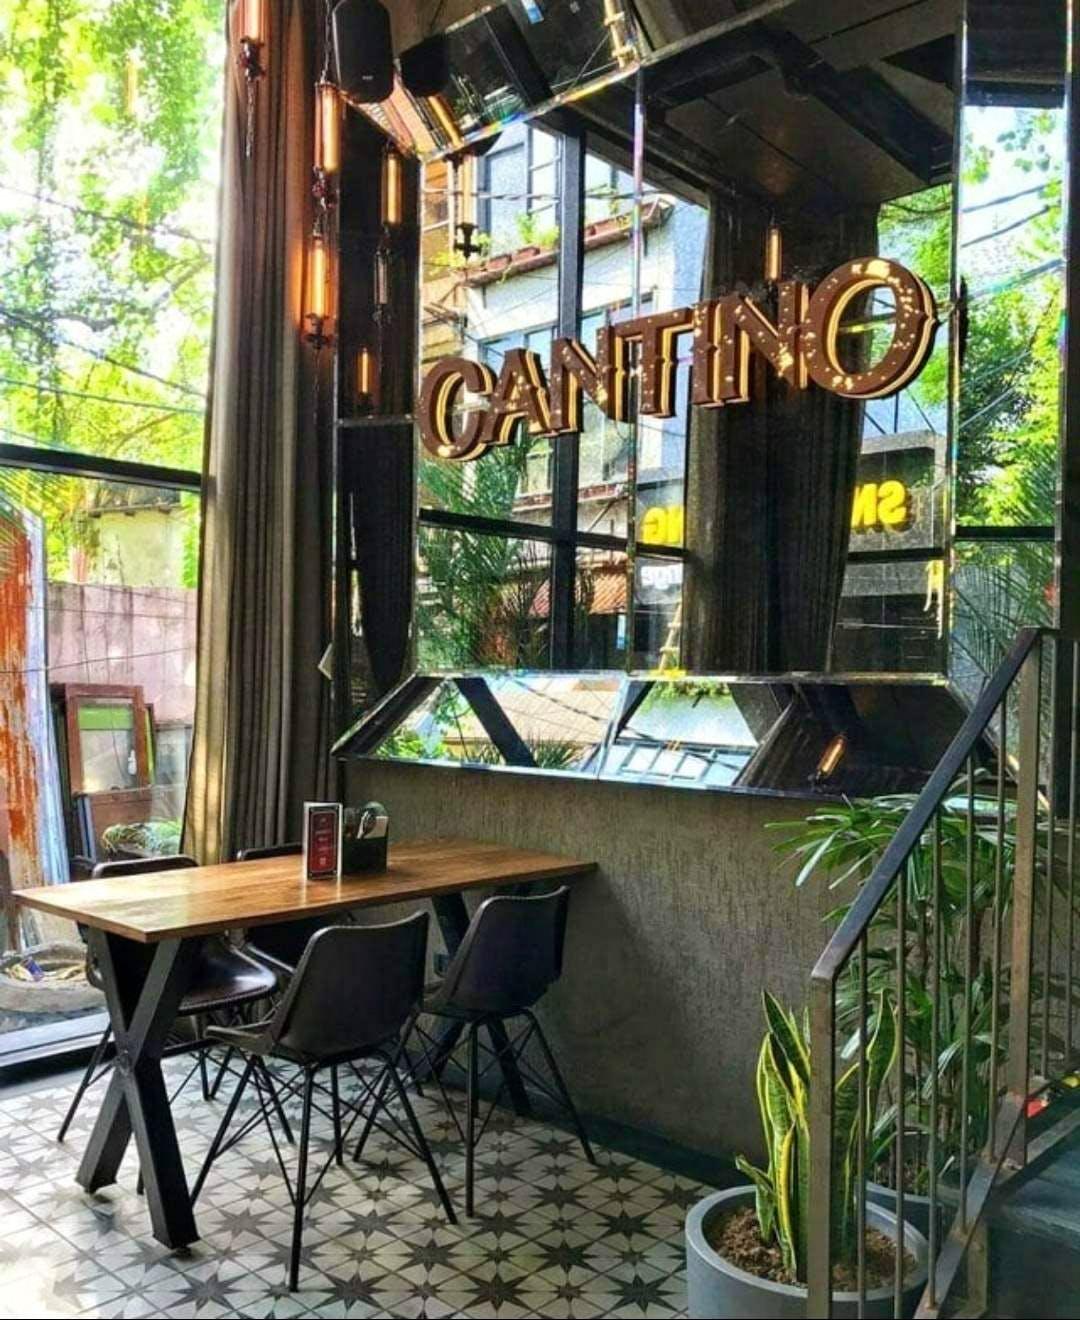 image - Cantino